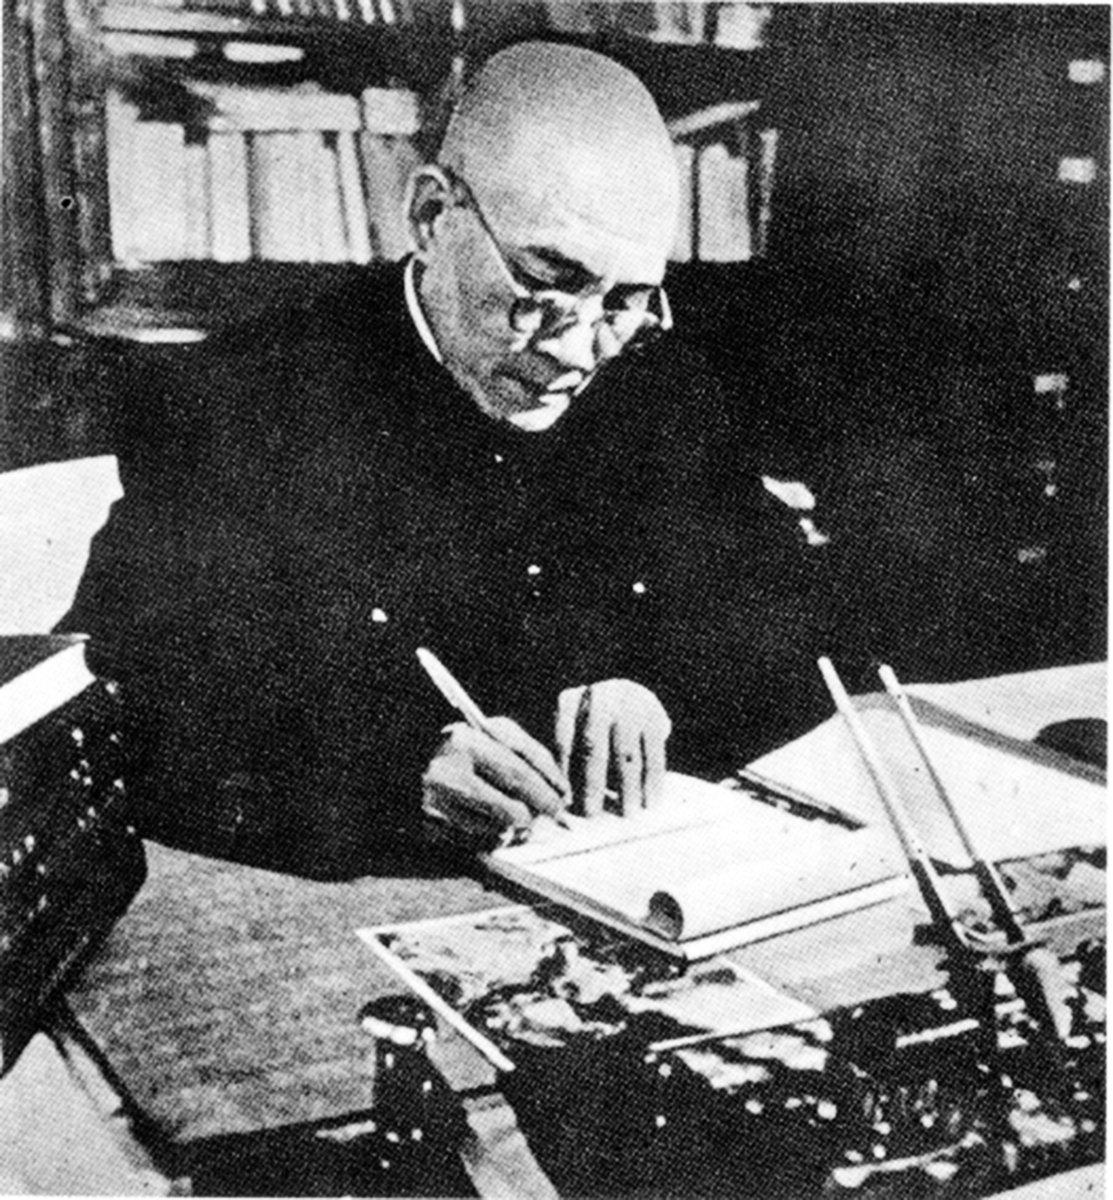 把馬克思主義引進中國的中共創始人李達。(網絡圖片)